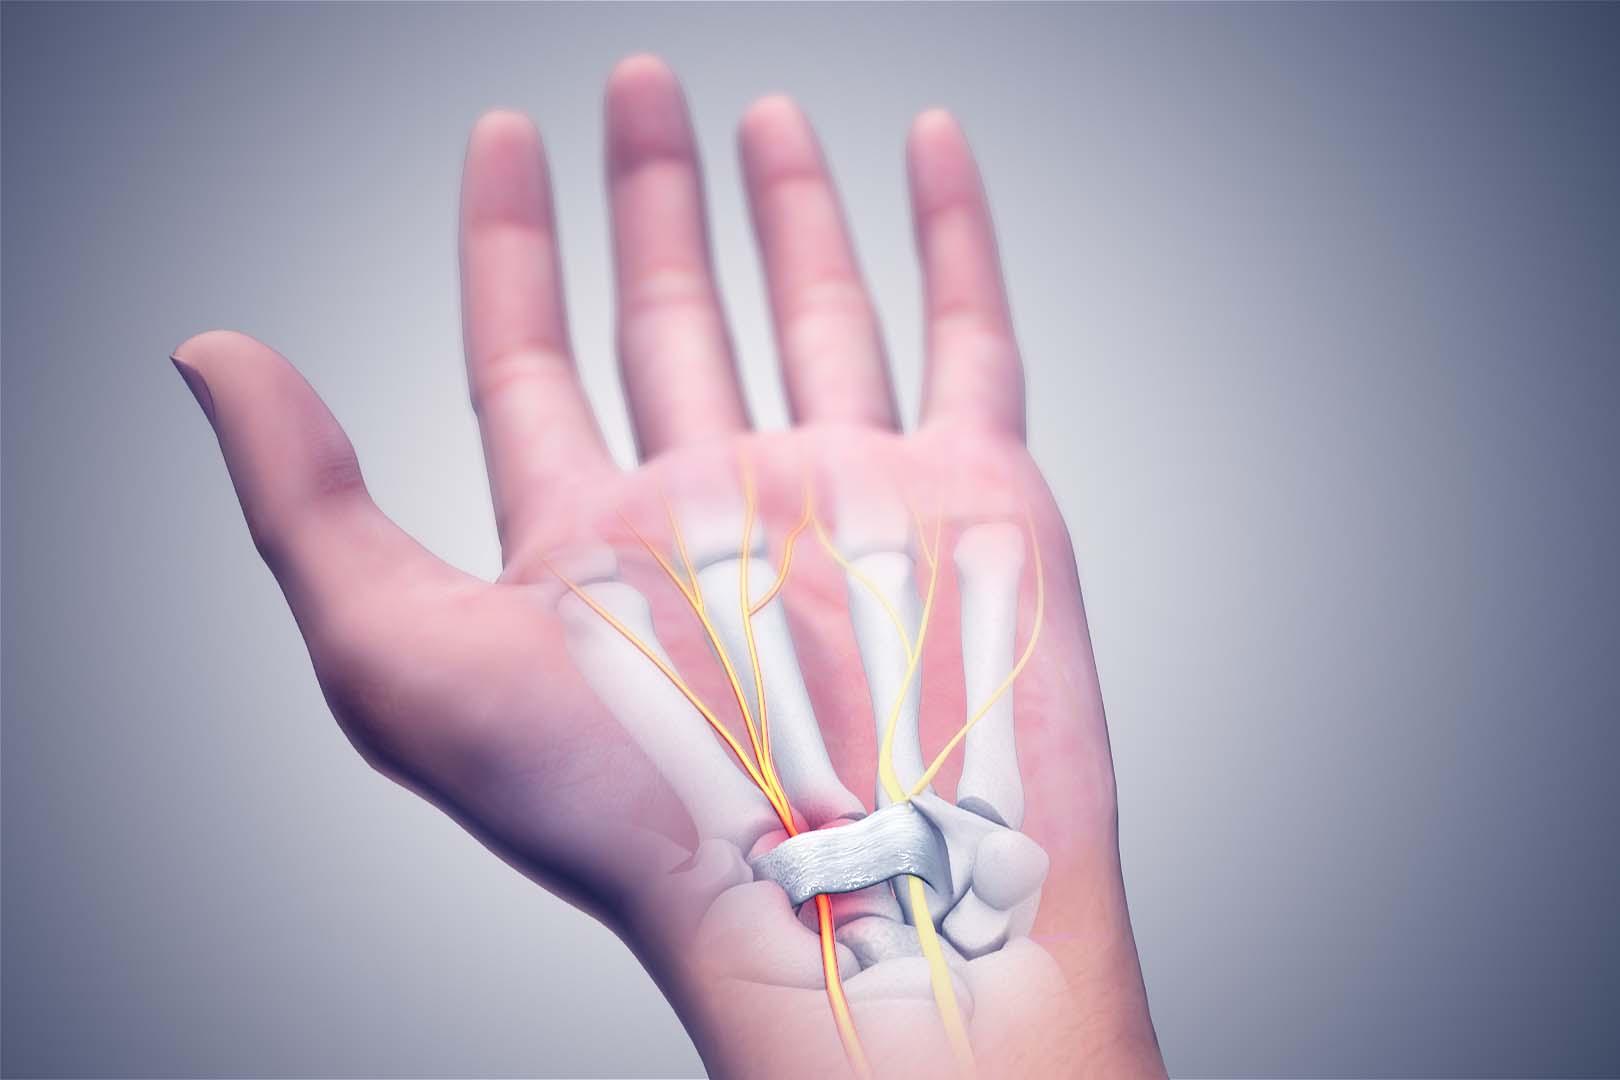 سندروم تونل کارپال در نتیجه تحت فشار قرار گرفتن یکی از اعصاب اصلی دست (عصب مدین) در مسیر عبورش از مچدست، بهوجود میآید.